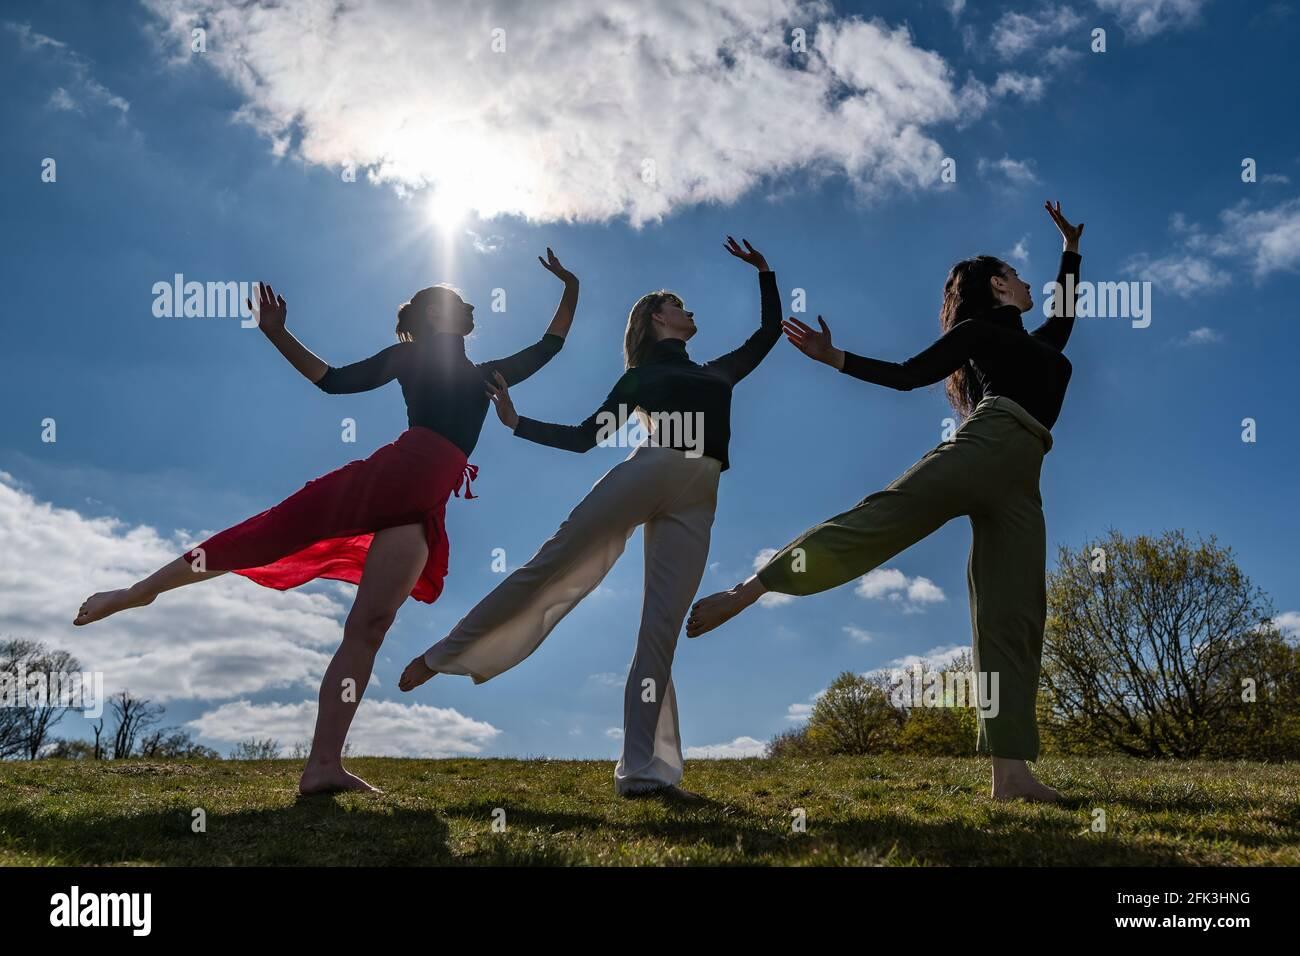 Londra, Regno Unito. 28 aprile 2021. Giornata Internazionale della Danza: I ballerini di Ranbu si esibiscono collettivamente su Hampstead Heath in vista della Giornata Internazionale della Danza il 29 aprile (L-R Belinda Roy, Sophie Chinner, Coralie Calfond). Il collettivo di danza recentemente formato, con sede a Londra e Giappone, mira a creare una piattaforma per i ballerini contemporanei per collaborare, eseguire e condividere idee con altri artisti. Celebrata per la prima volta nel 1982, la Giornata Internazionale della Danza si è svolta ogni anno dalla nascita di Jean-Georges Noverre (1727-1810), il creatore del balletto moderno. Credit: Guy Corbishley/Alamy Live News Foto Stock